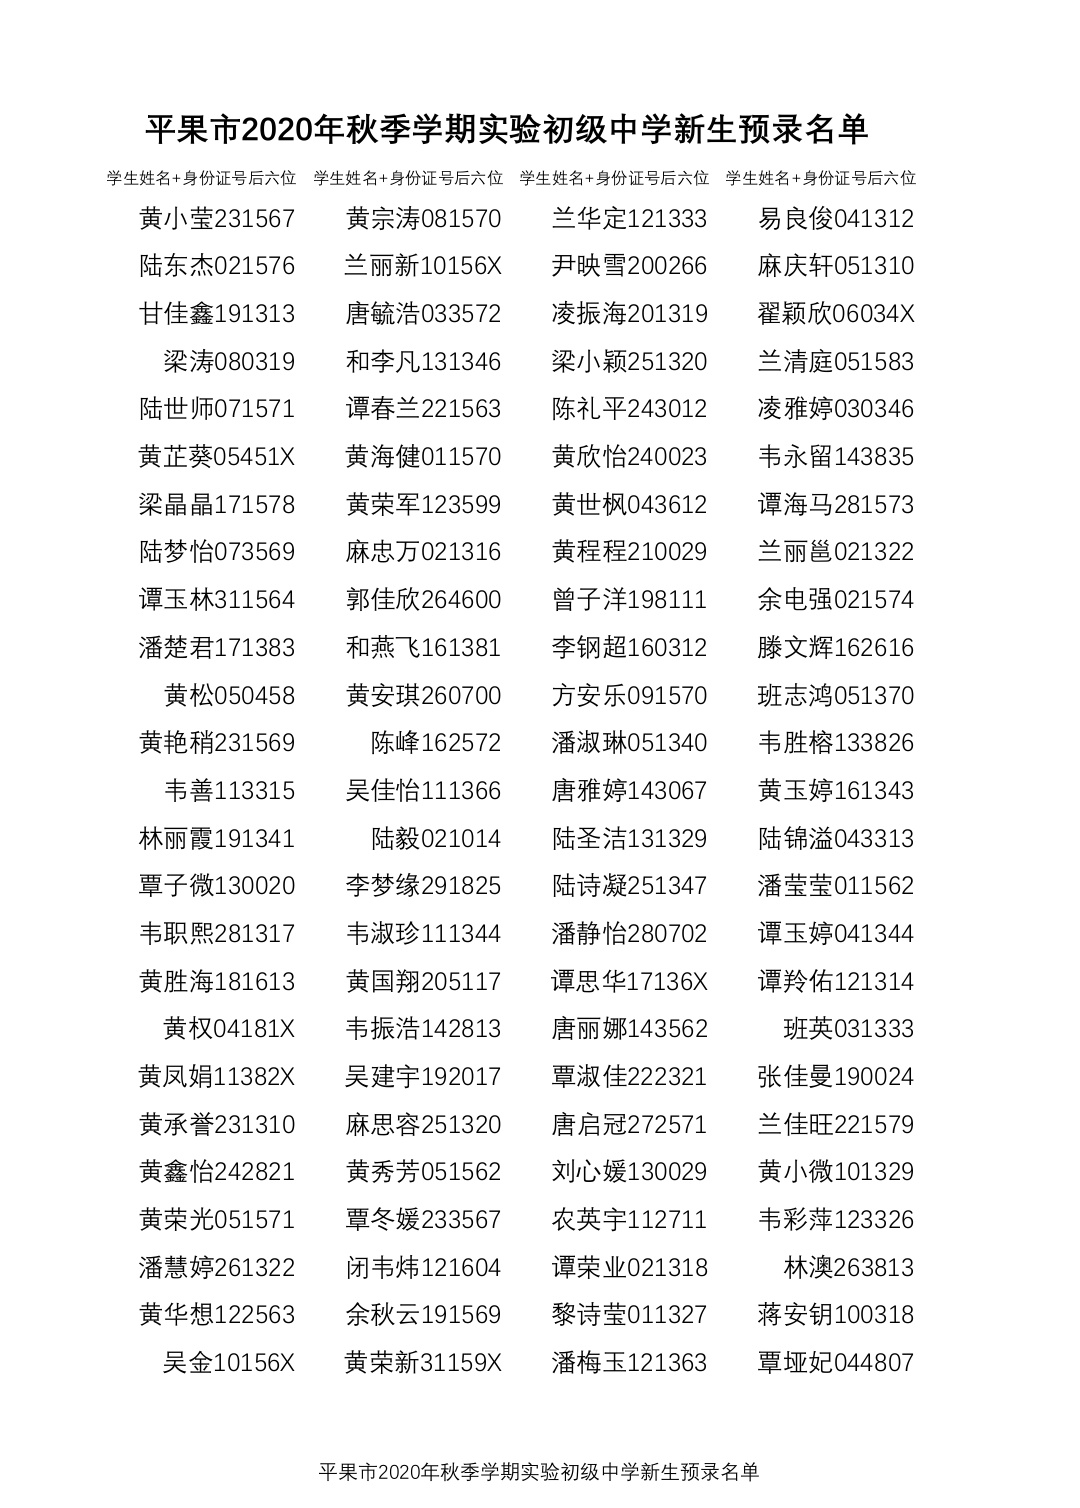 微信图片_20200730081557.jpg